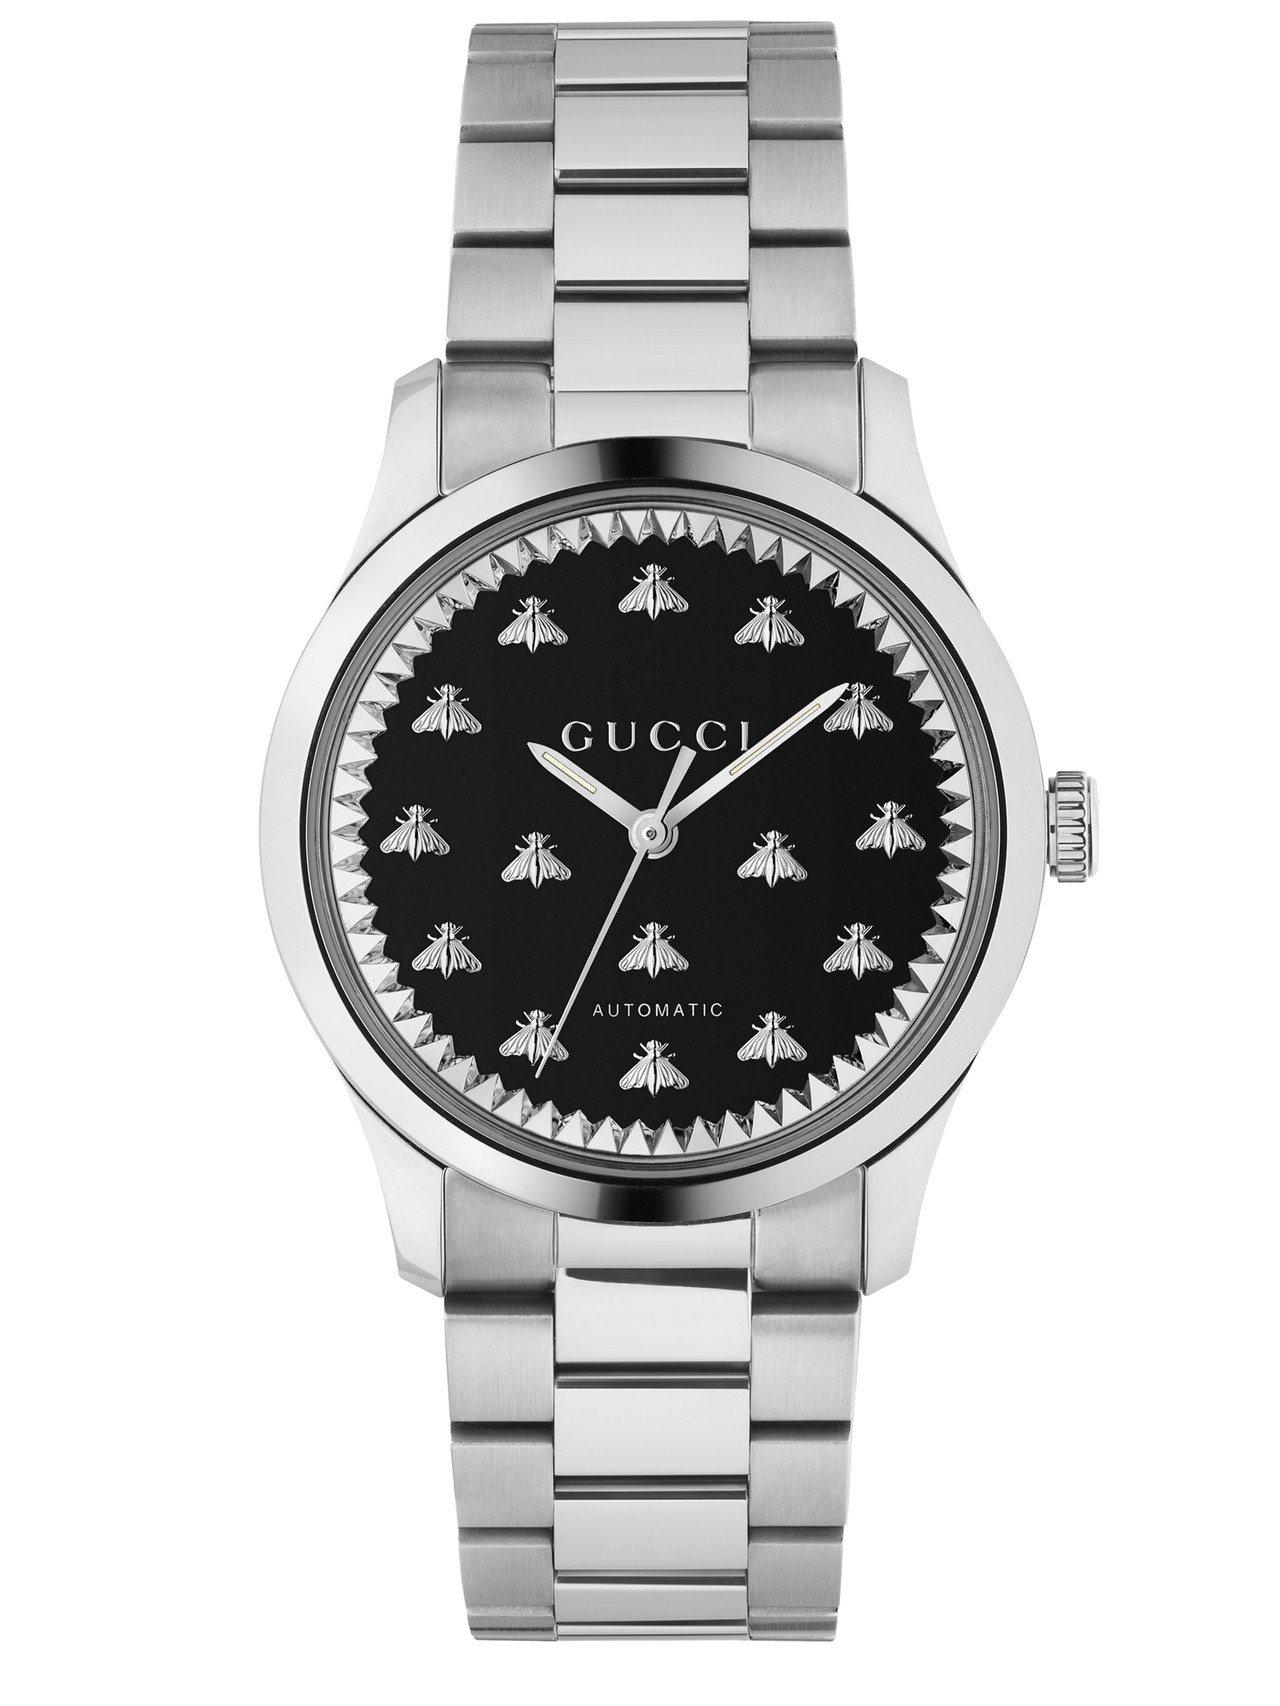 G-Timeless 38毫米自動上鍊腕表,不鏽鋼表殼、黑色瑪瑙石及銀色蜜蜂裝飾...